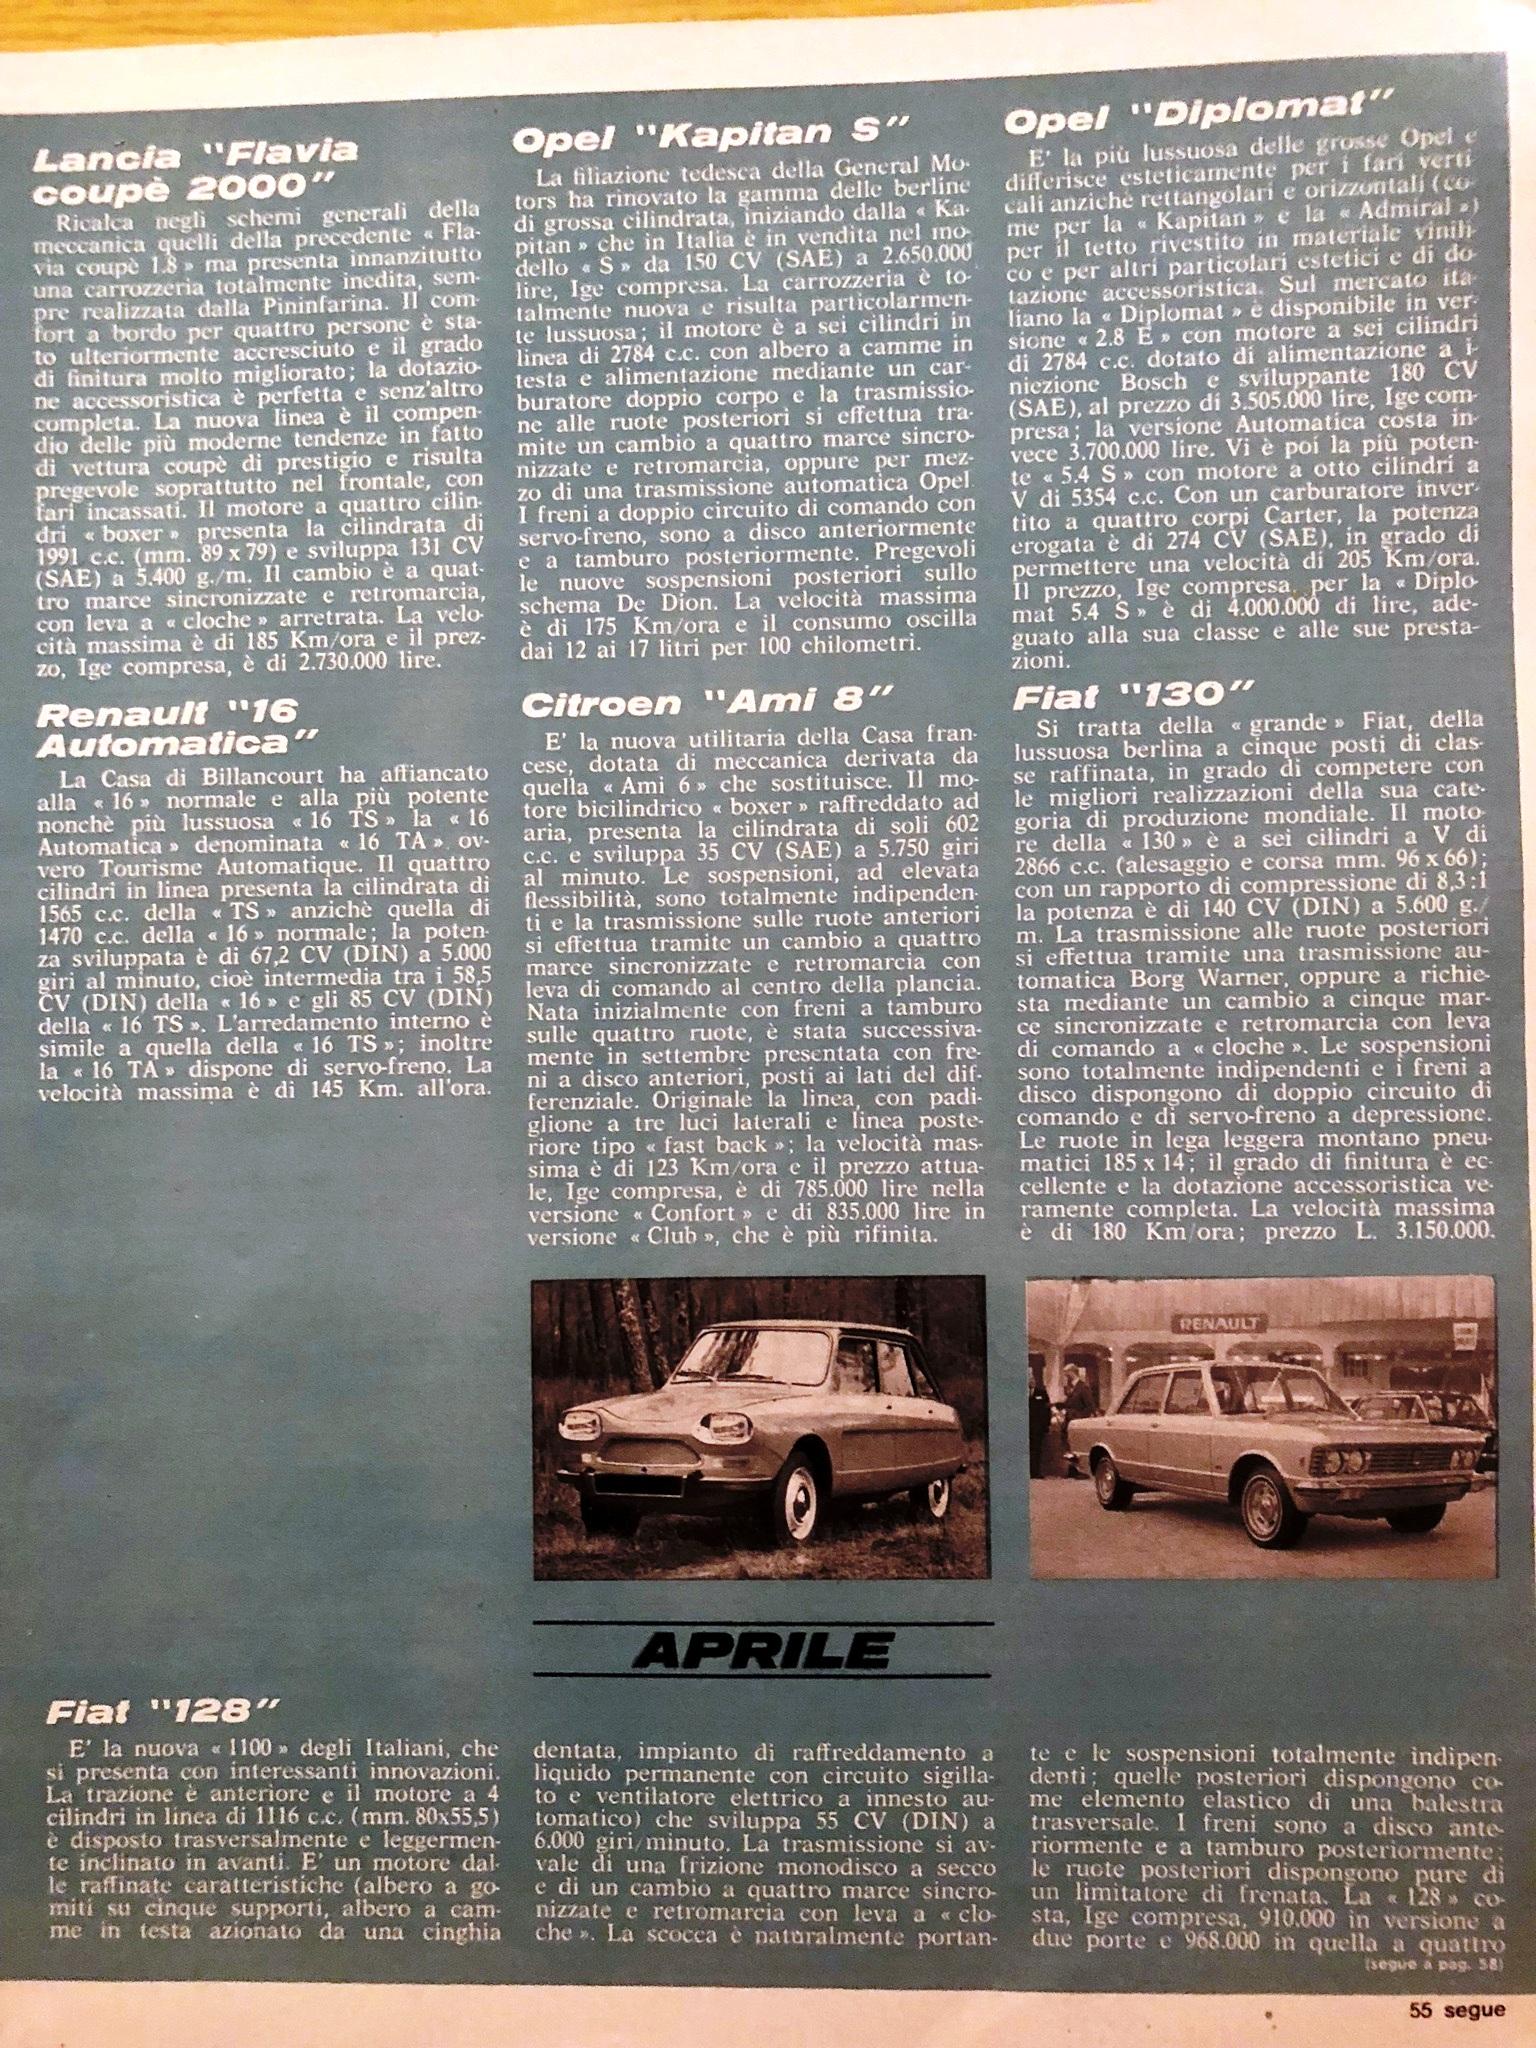 Autorama 1969 Fiat 130